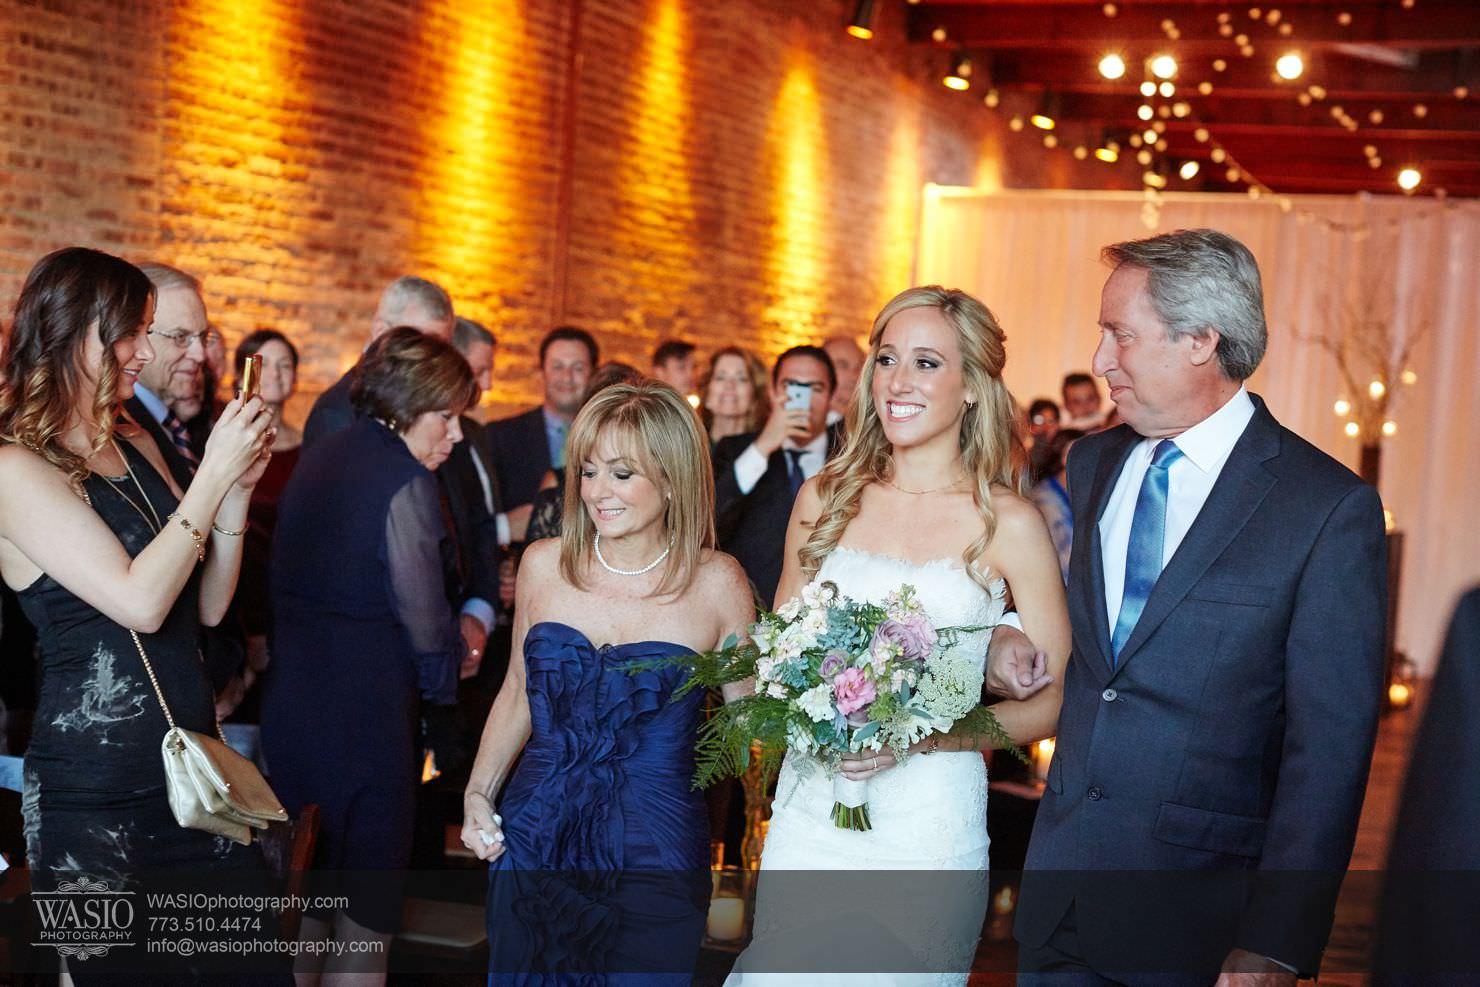 28_Chicago-Gallery-Wedding_0O3A8796 Chicago Gallery Wedding - Courtney + Danny